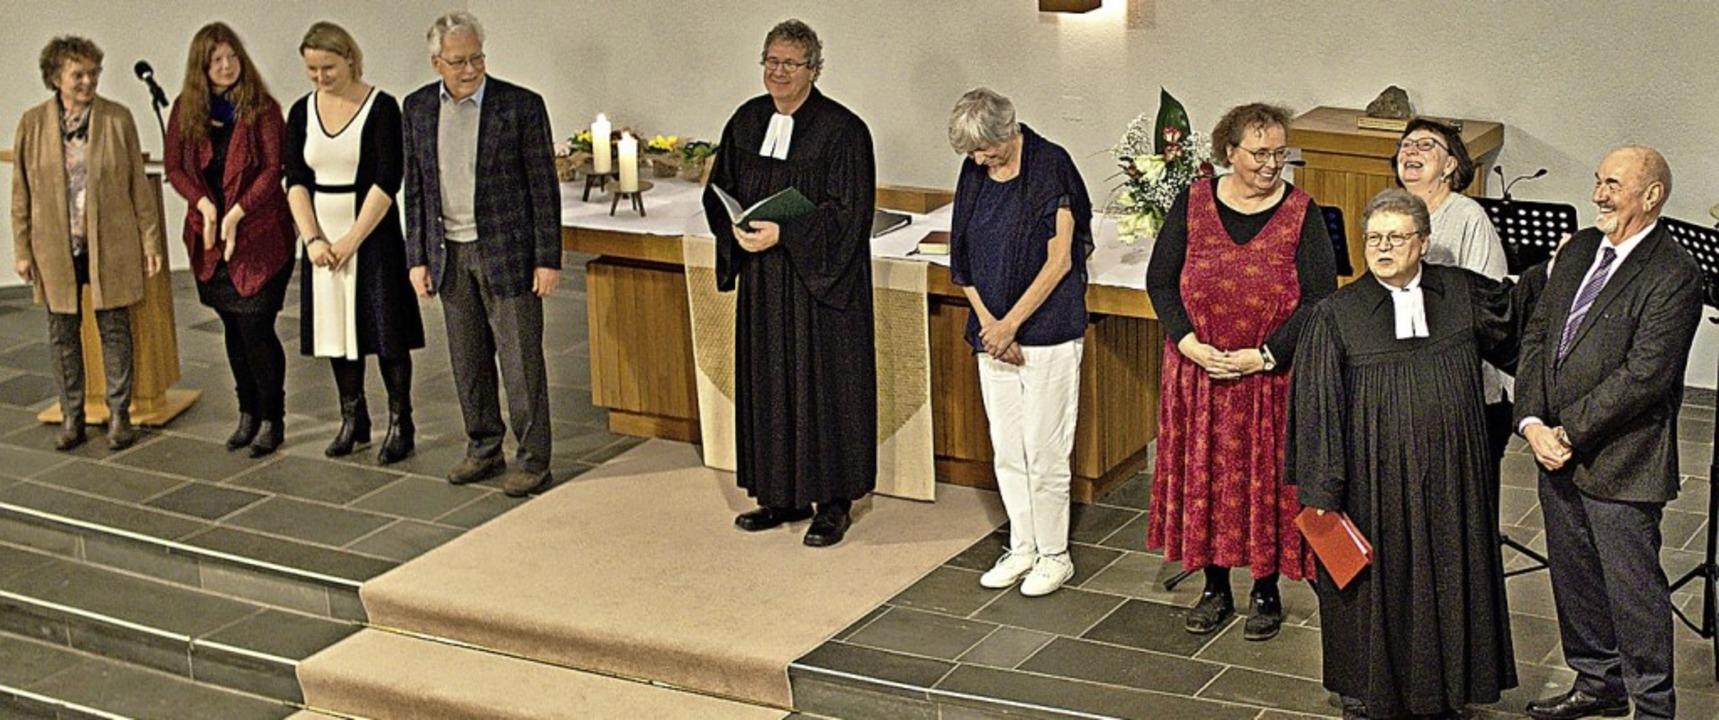 Pfarrer Peter Hasenbrink (Zweiter von ...s) stellt den Kirchengemeinderat vor.   | Foto: Privat